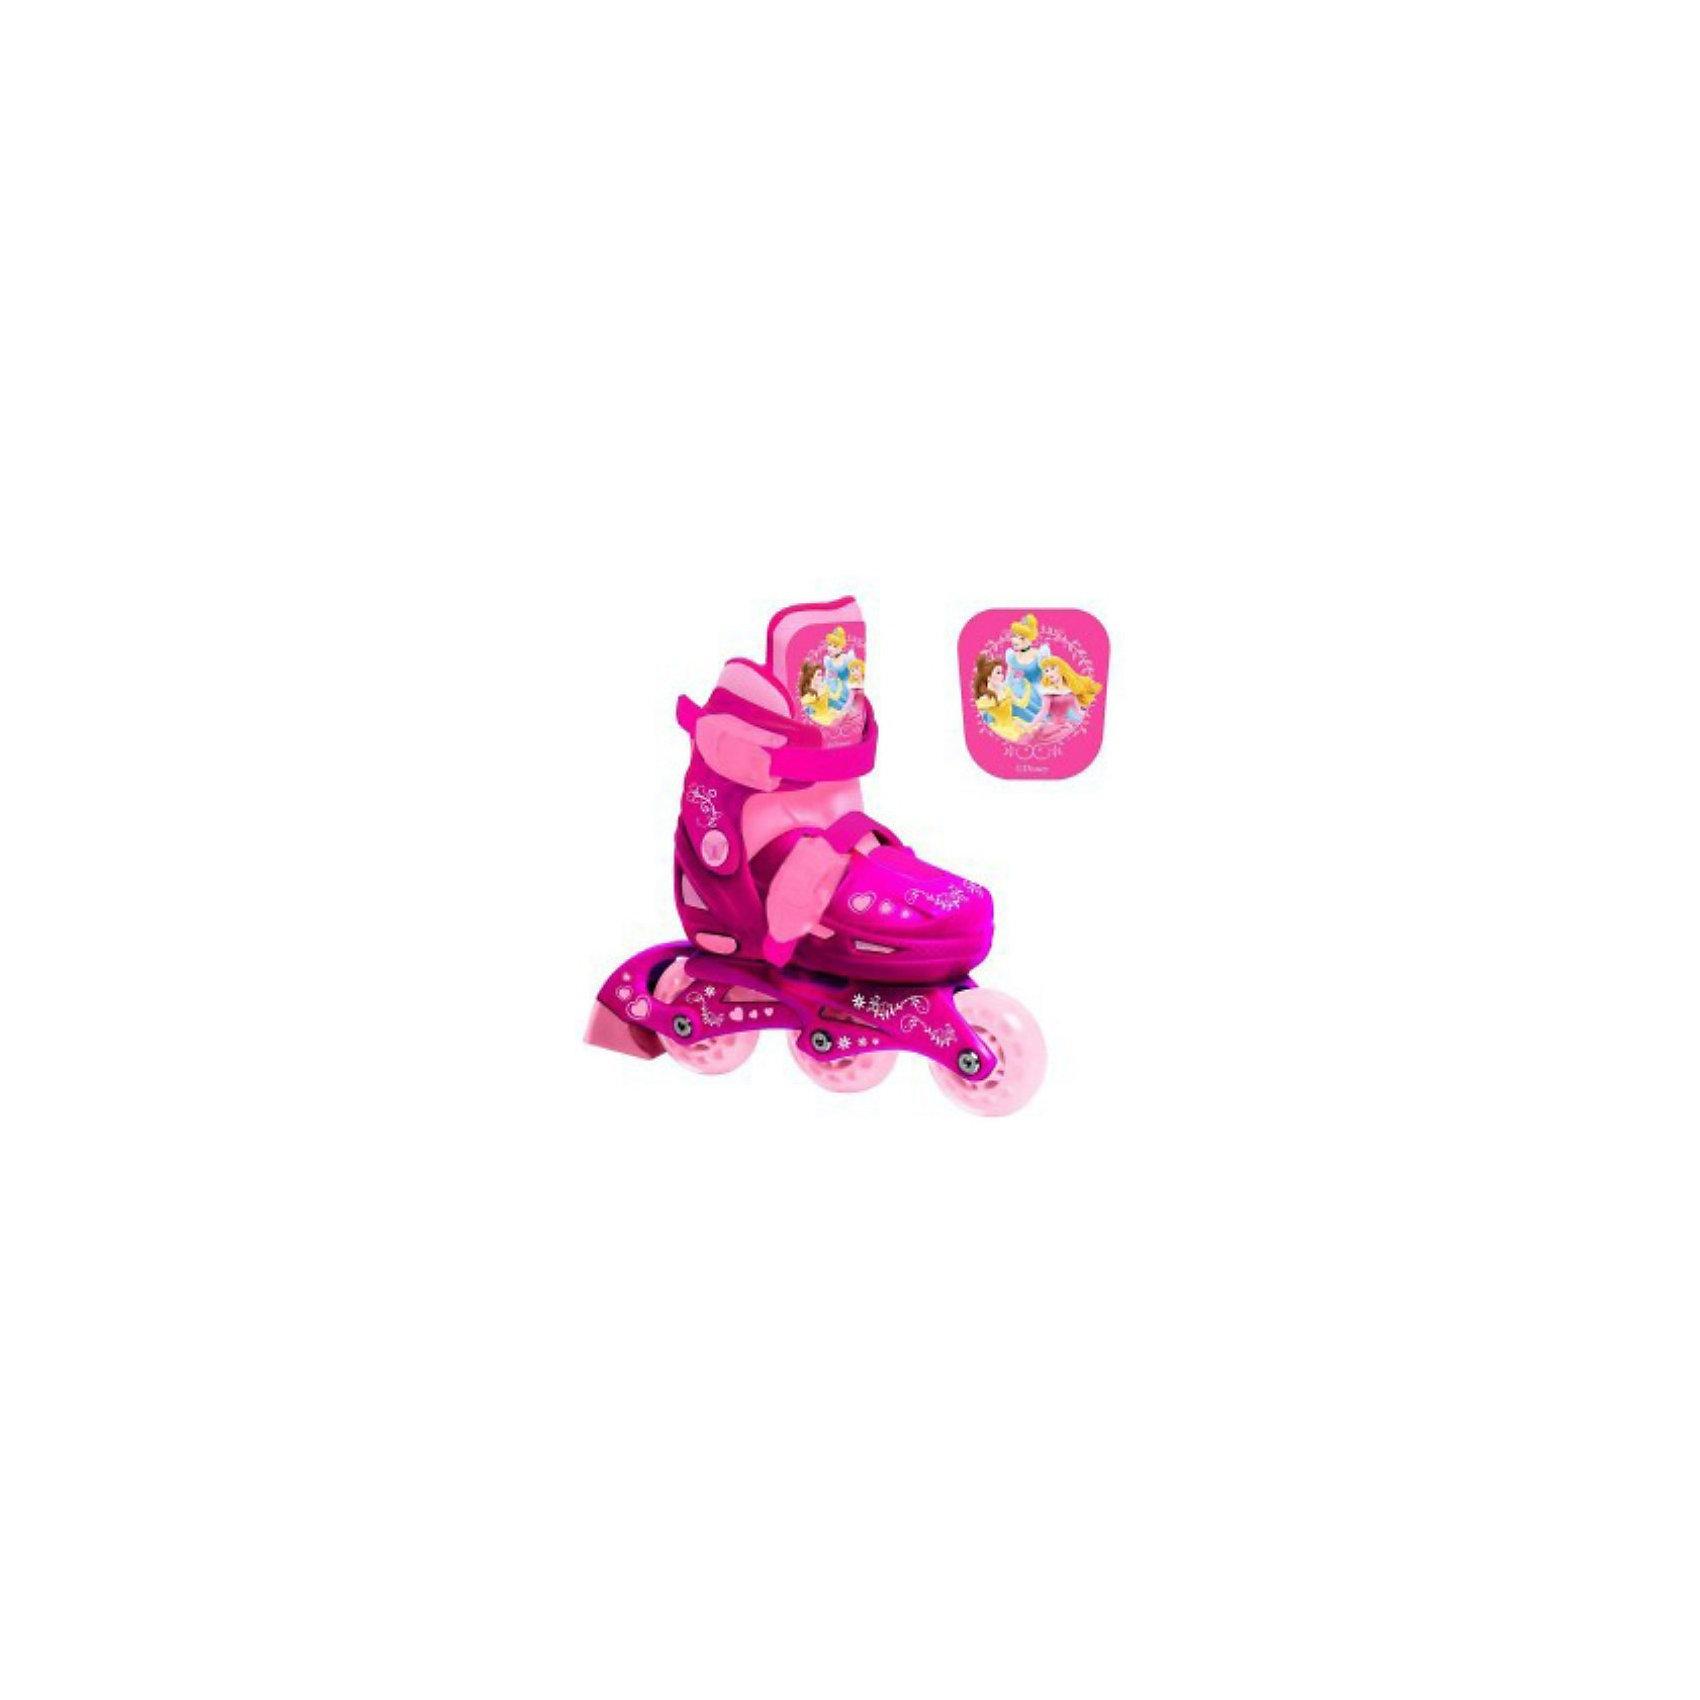 - Next ролики раздвижные, Принцессы Disney, р-р 30-33 onlitop ролики раздвижные 29 32 размер